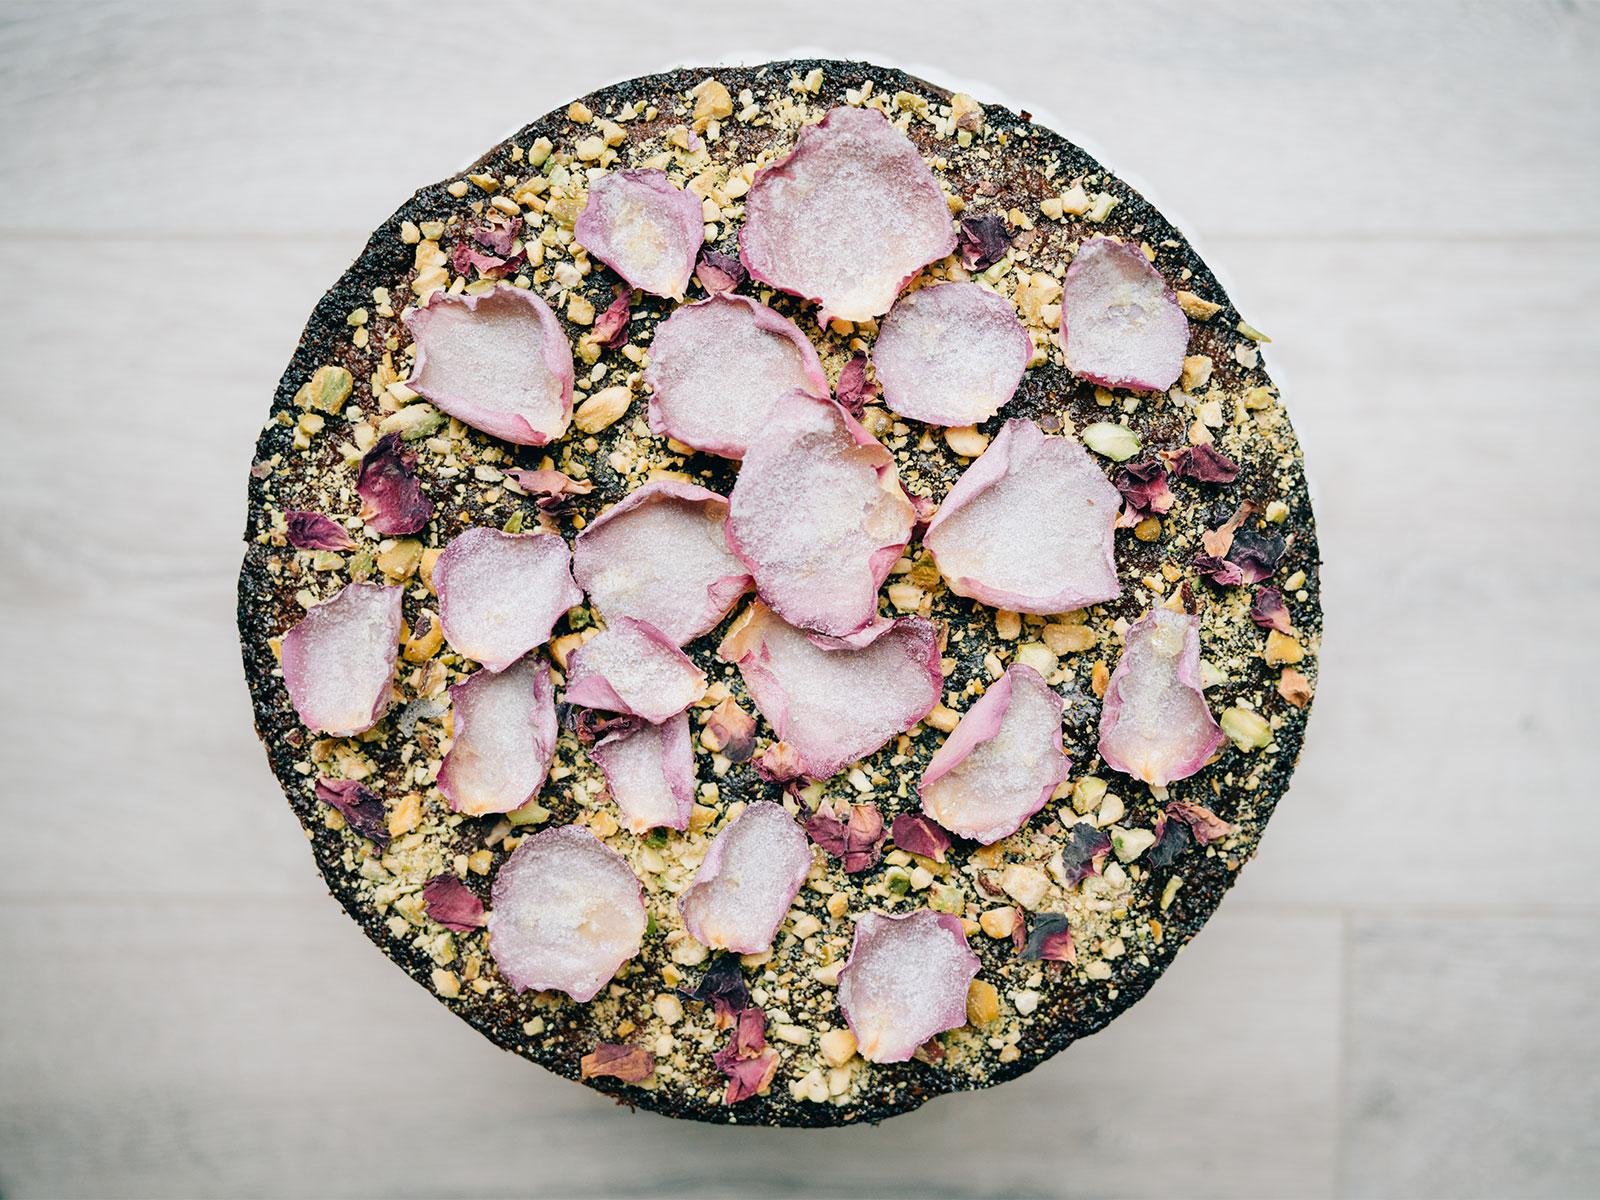 Pistachio & Rose Water Semolina Cake | an exquisite cake